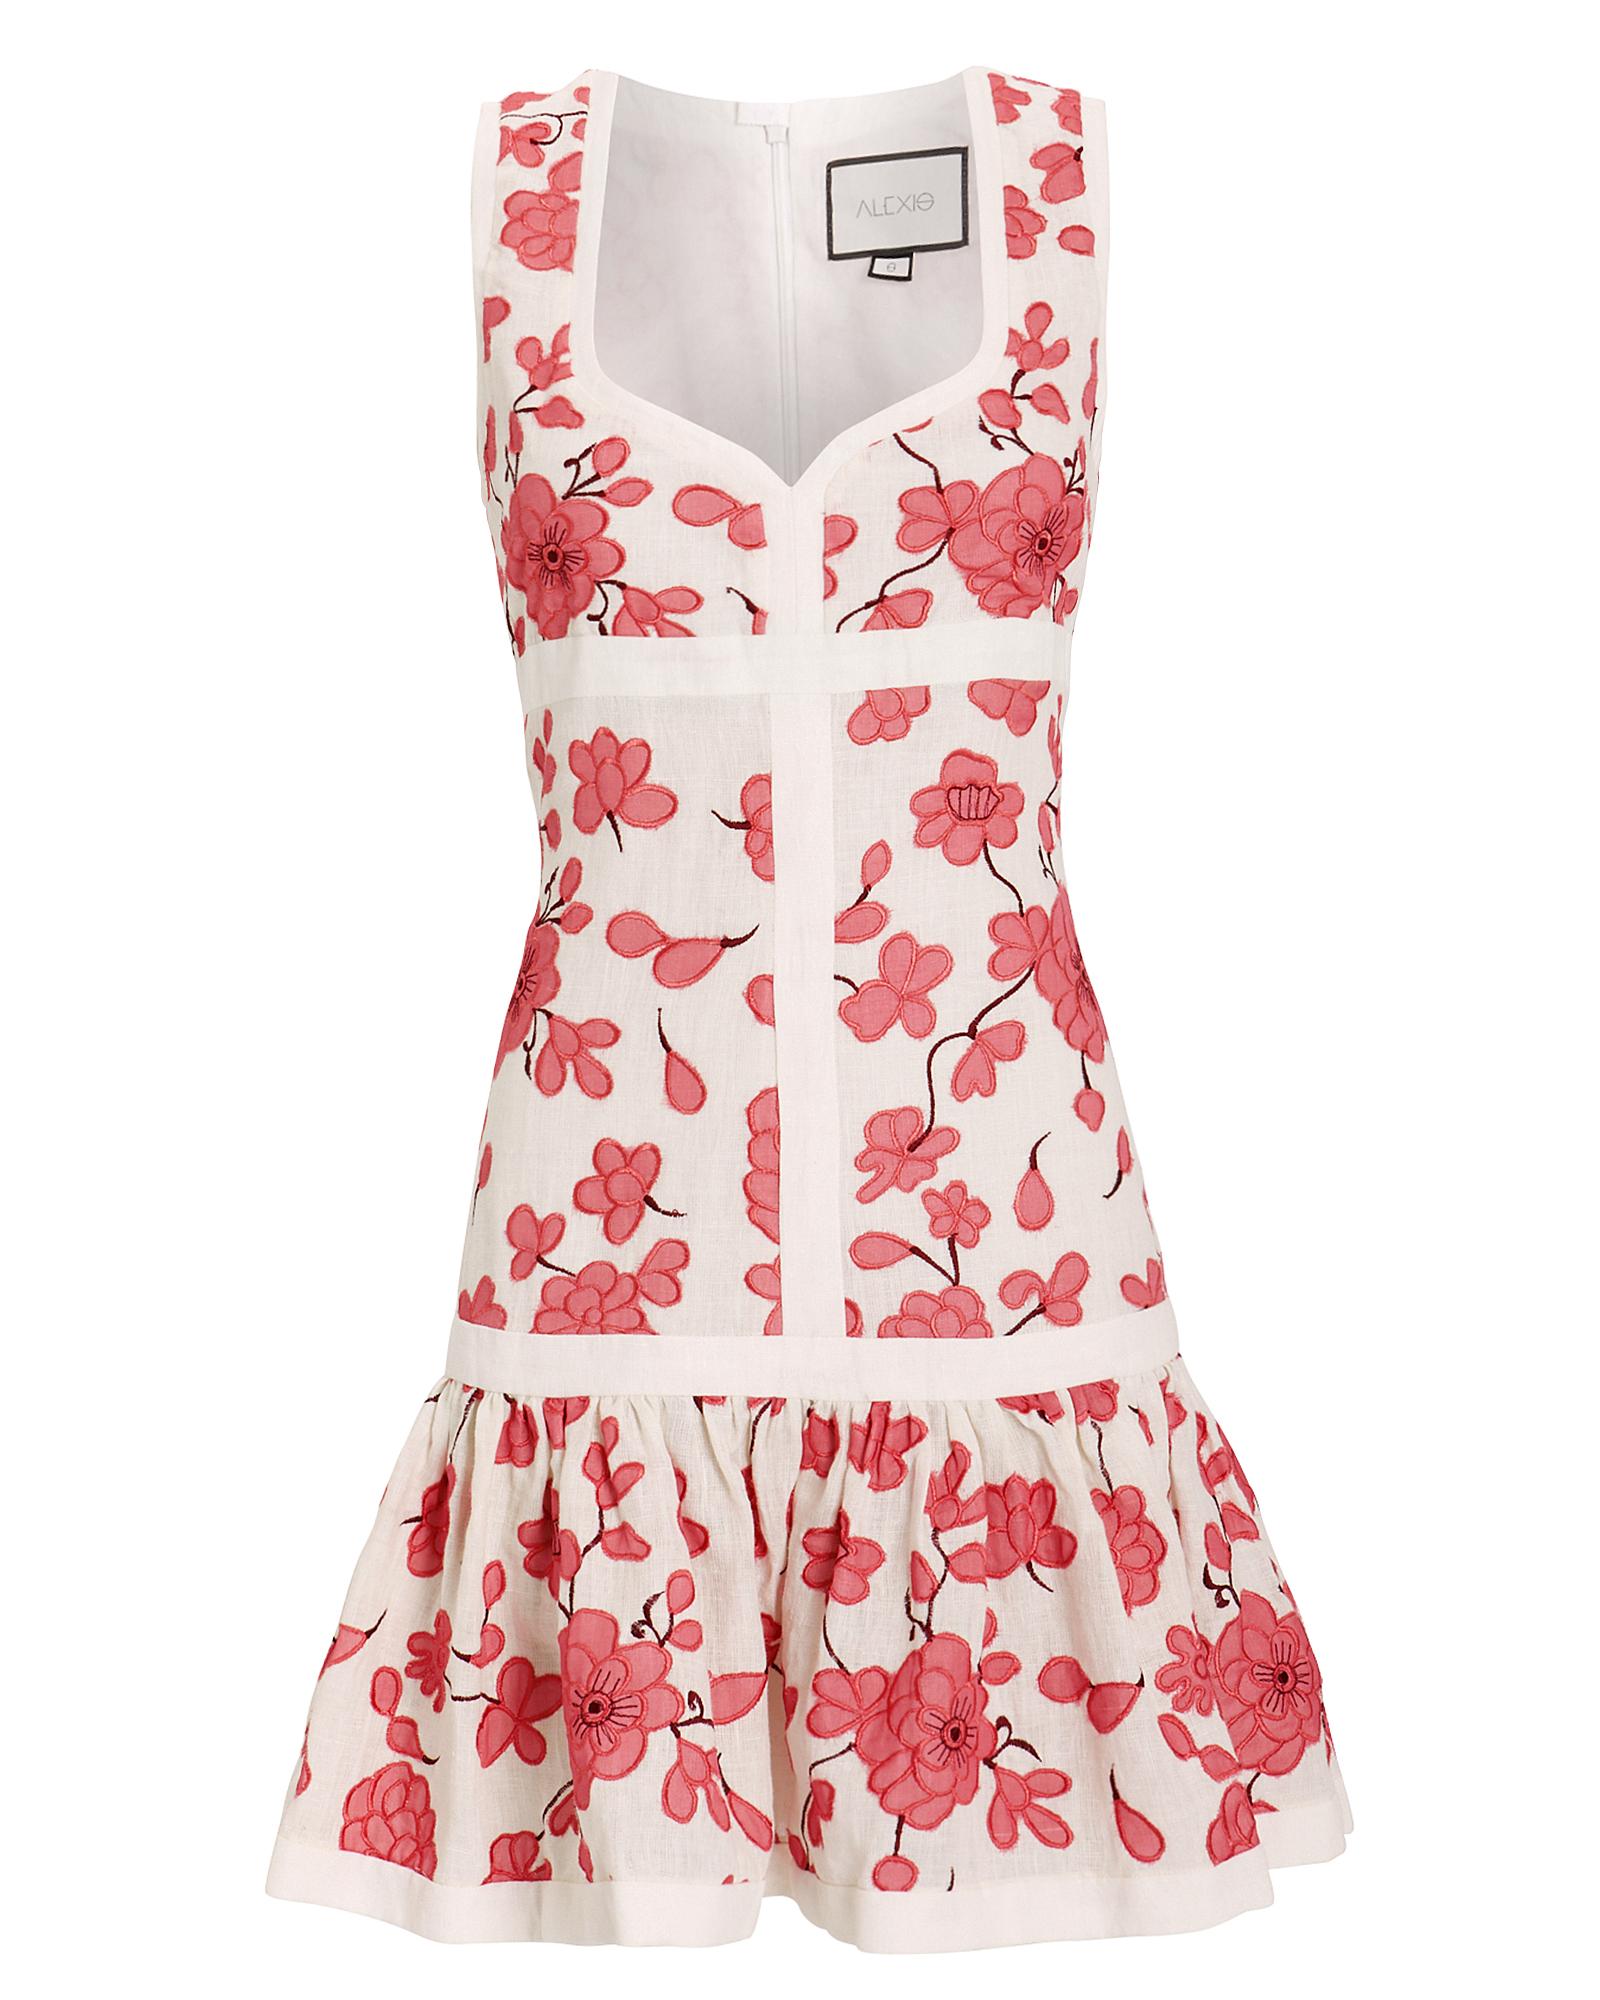 Alexis Dresses Lilou Linen Dress